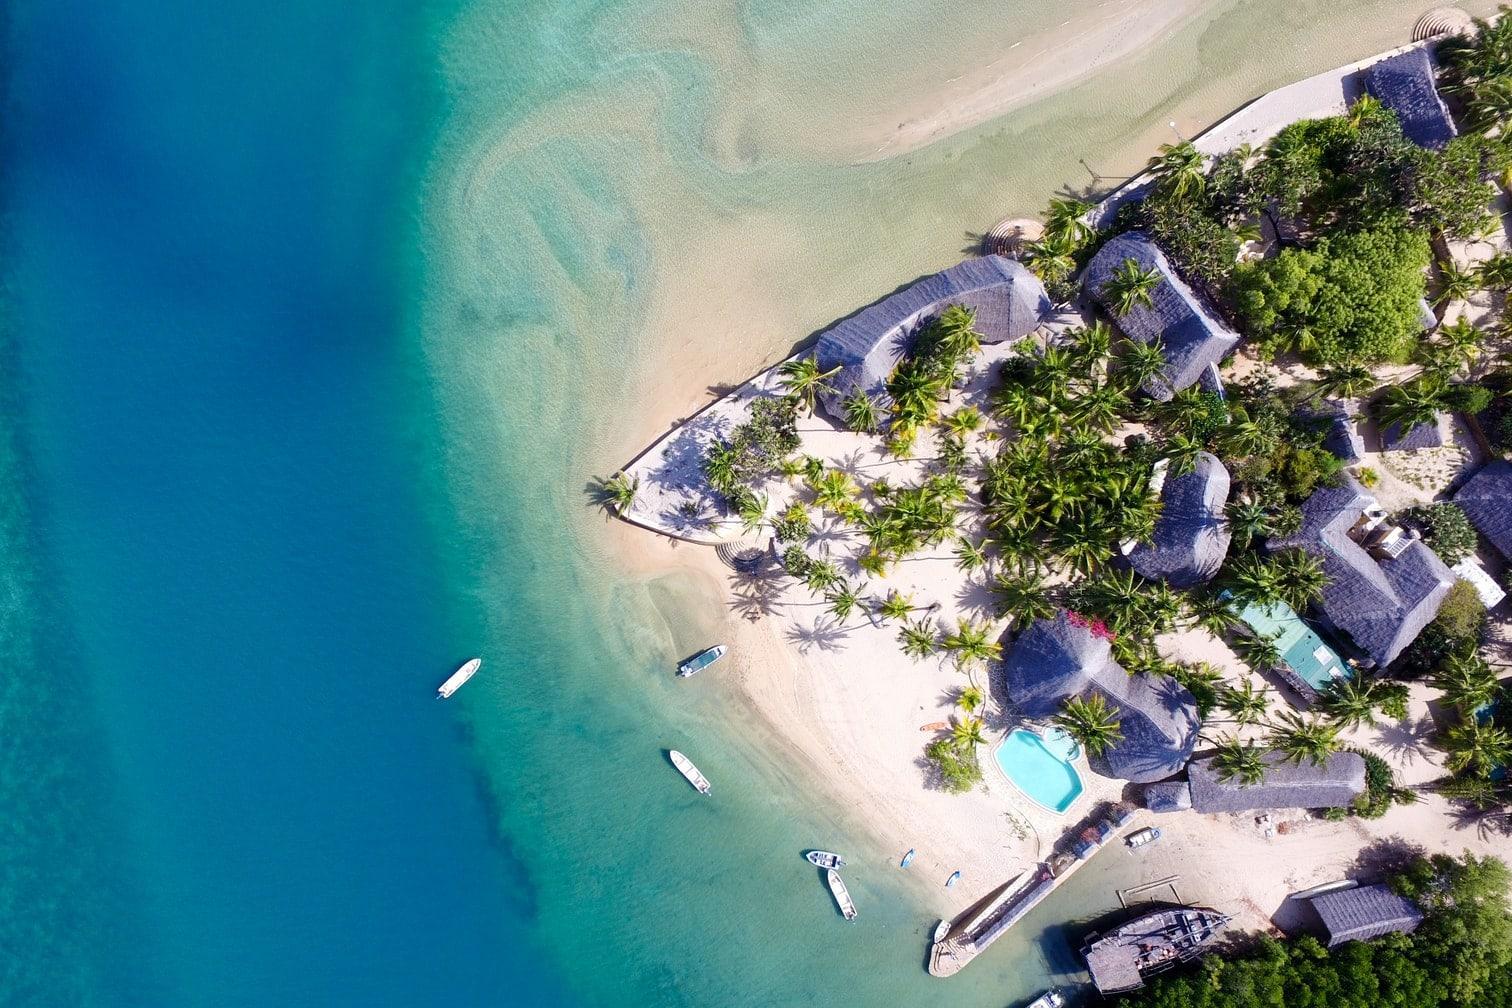 einer paradiesischen Insel im Lamu-Archipel. Die Anreise gestaltet sich zwar etwas länger und ist nicht günstig